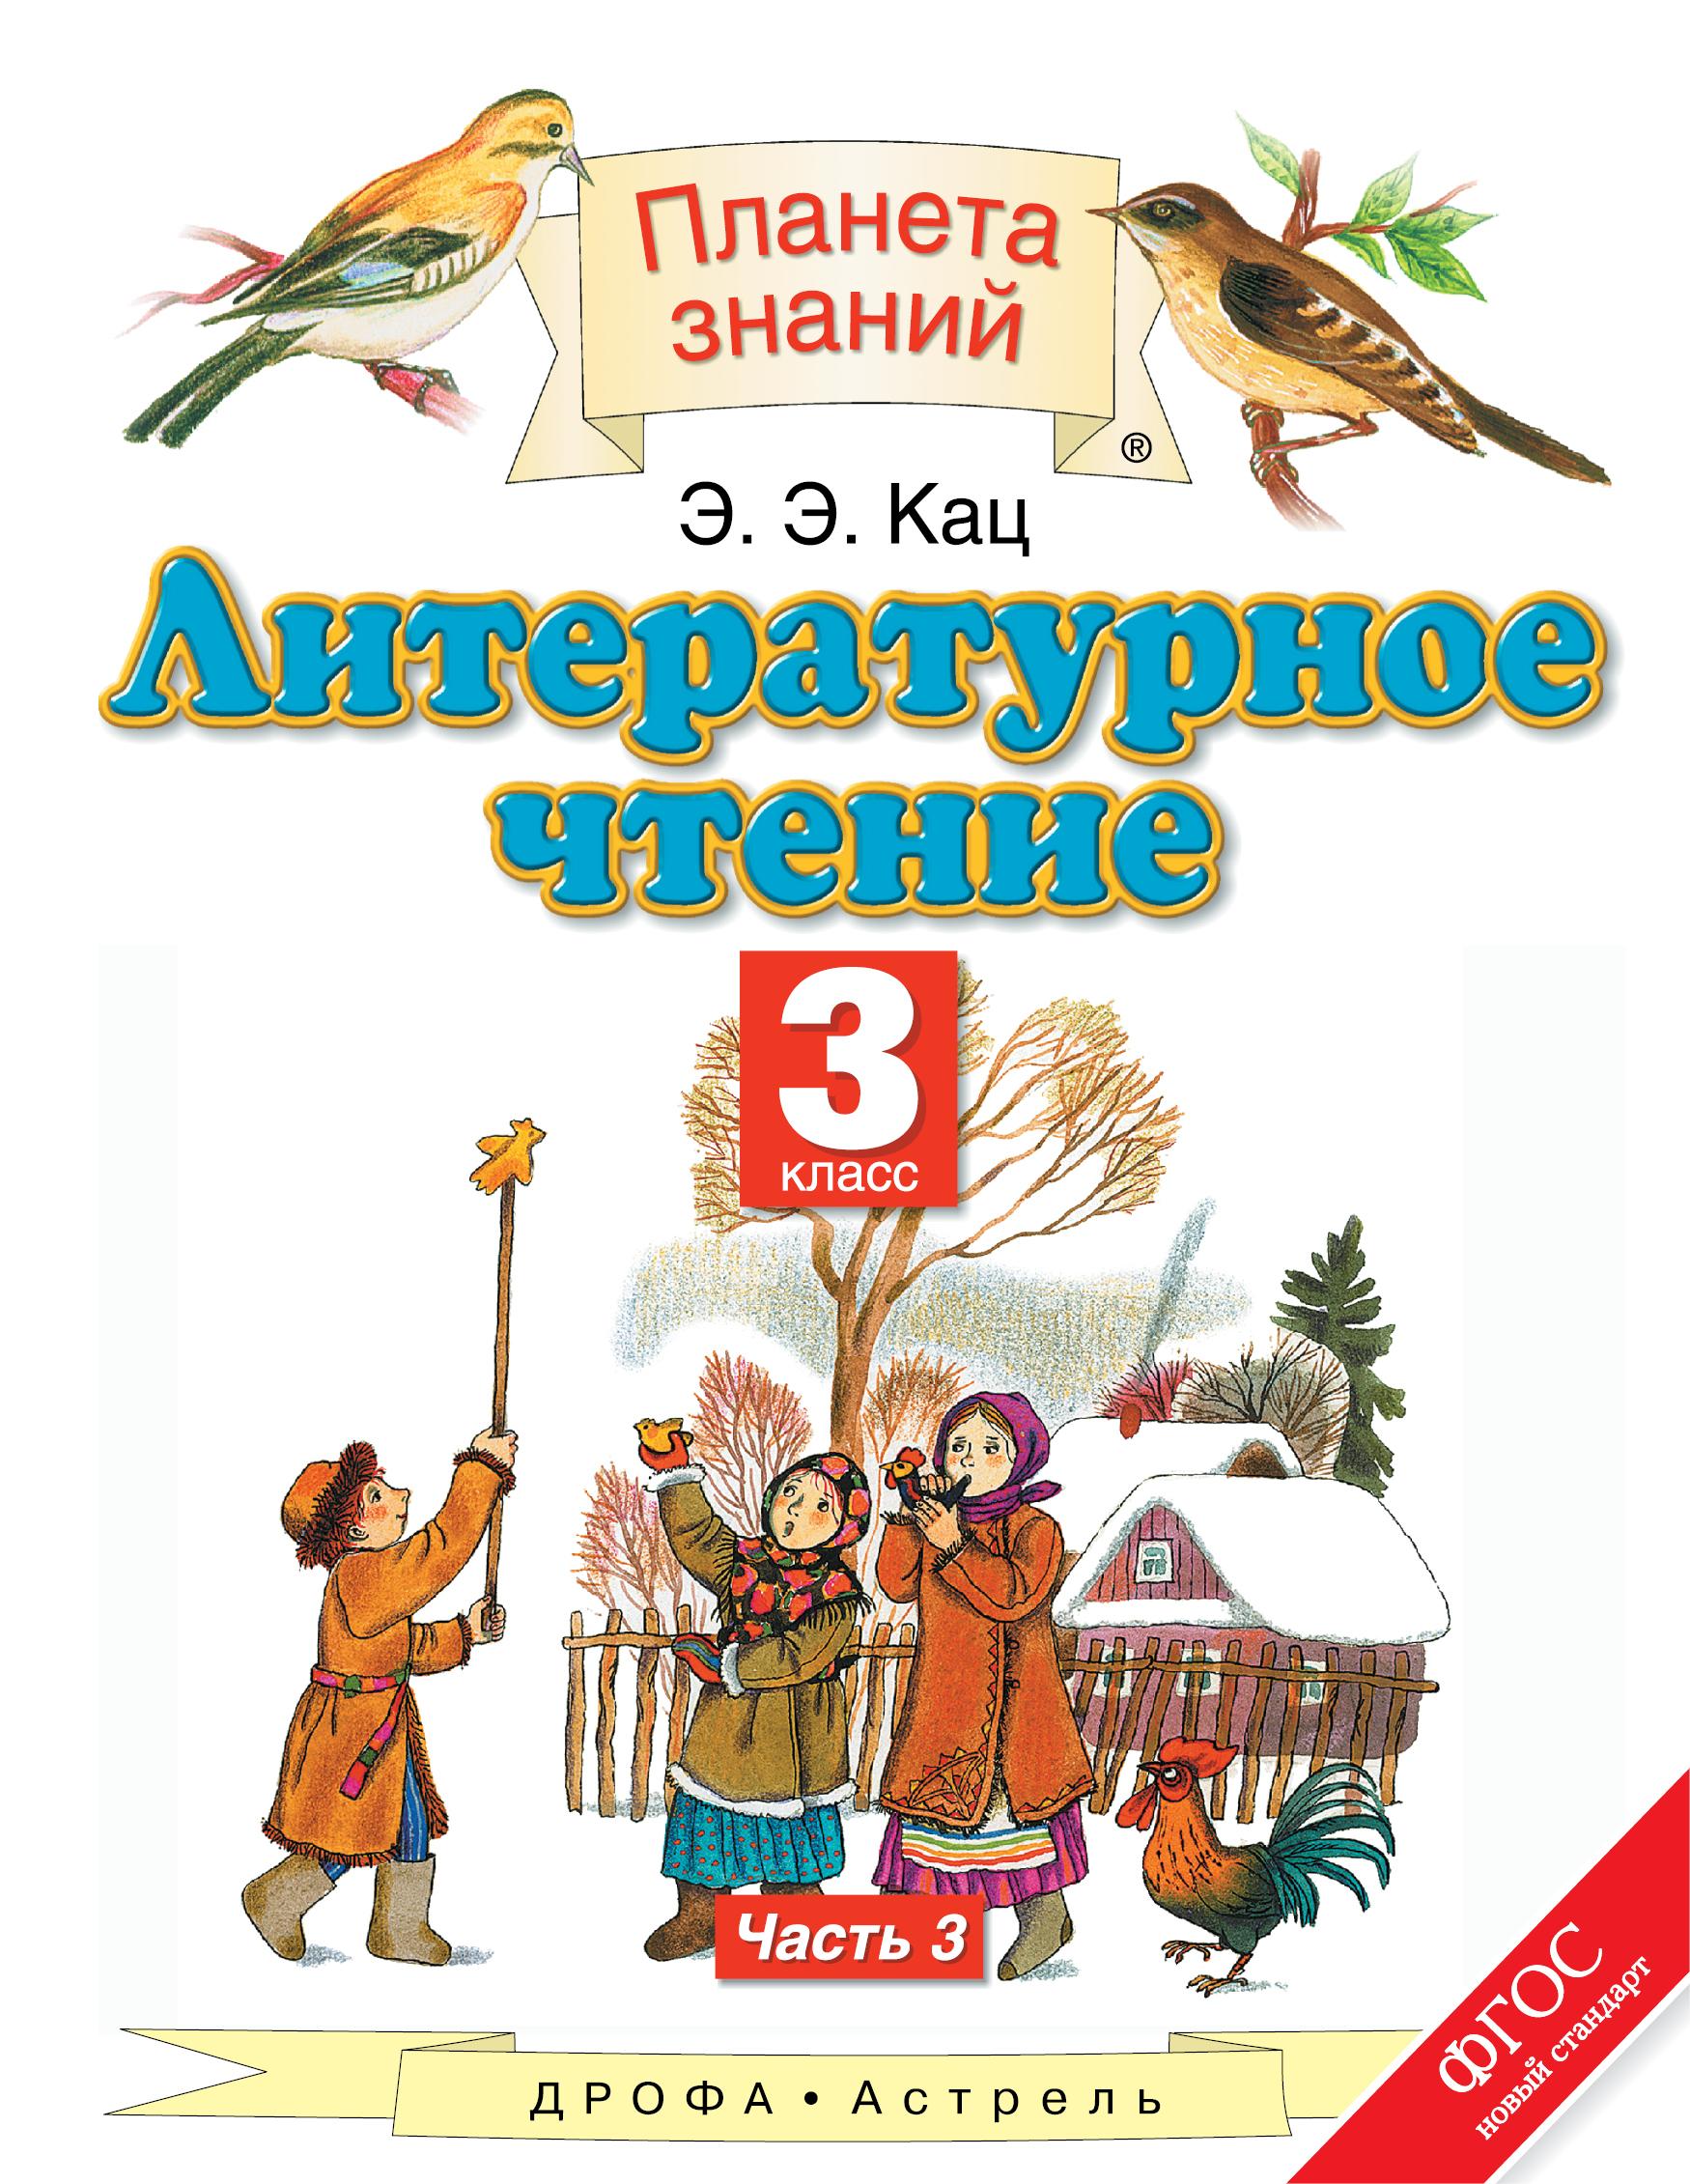 Литературное чтение. 3 класс. Учебник. В 3-х частях. Часть 3 ( Кац Э.Э.  )